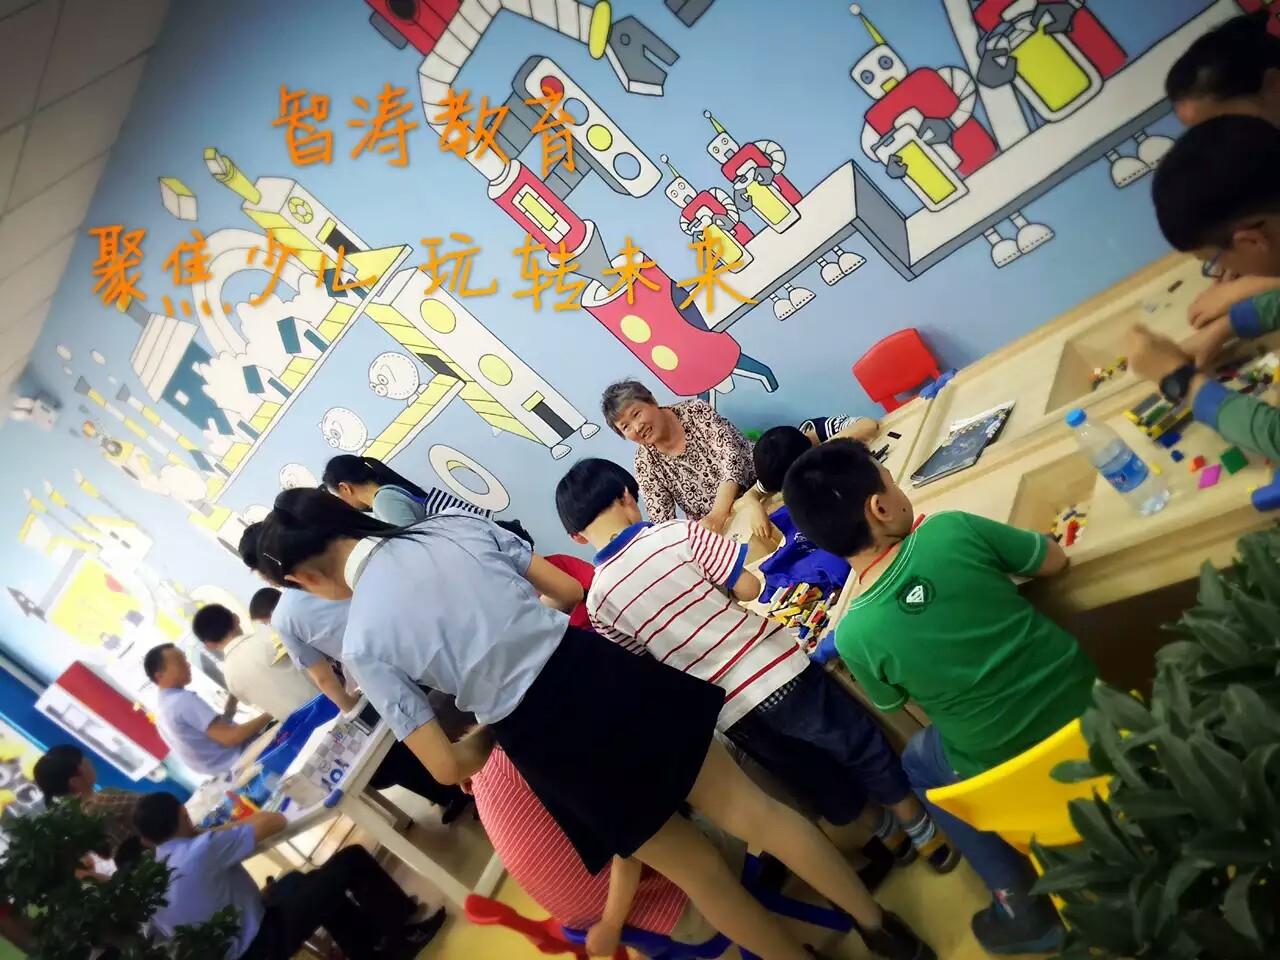 智涛机器人值得投资吗?有实力有口碑的新型教育项目,发展潜力大!